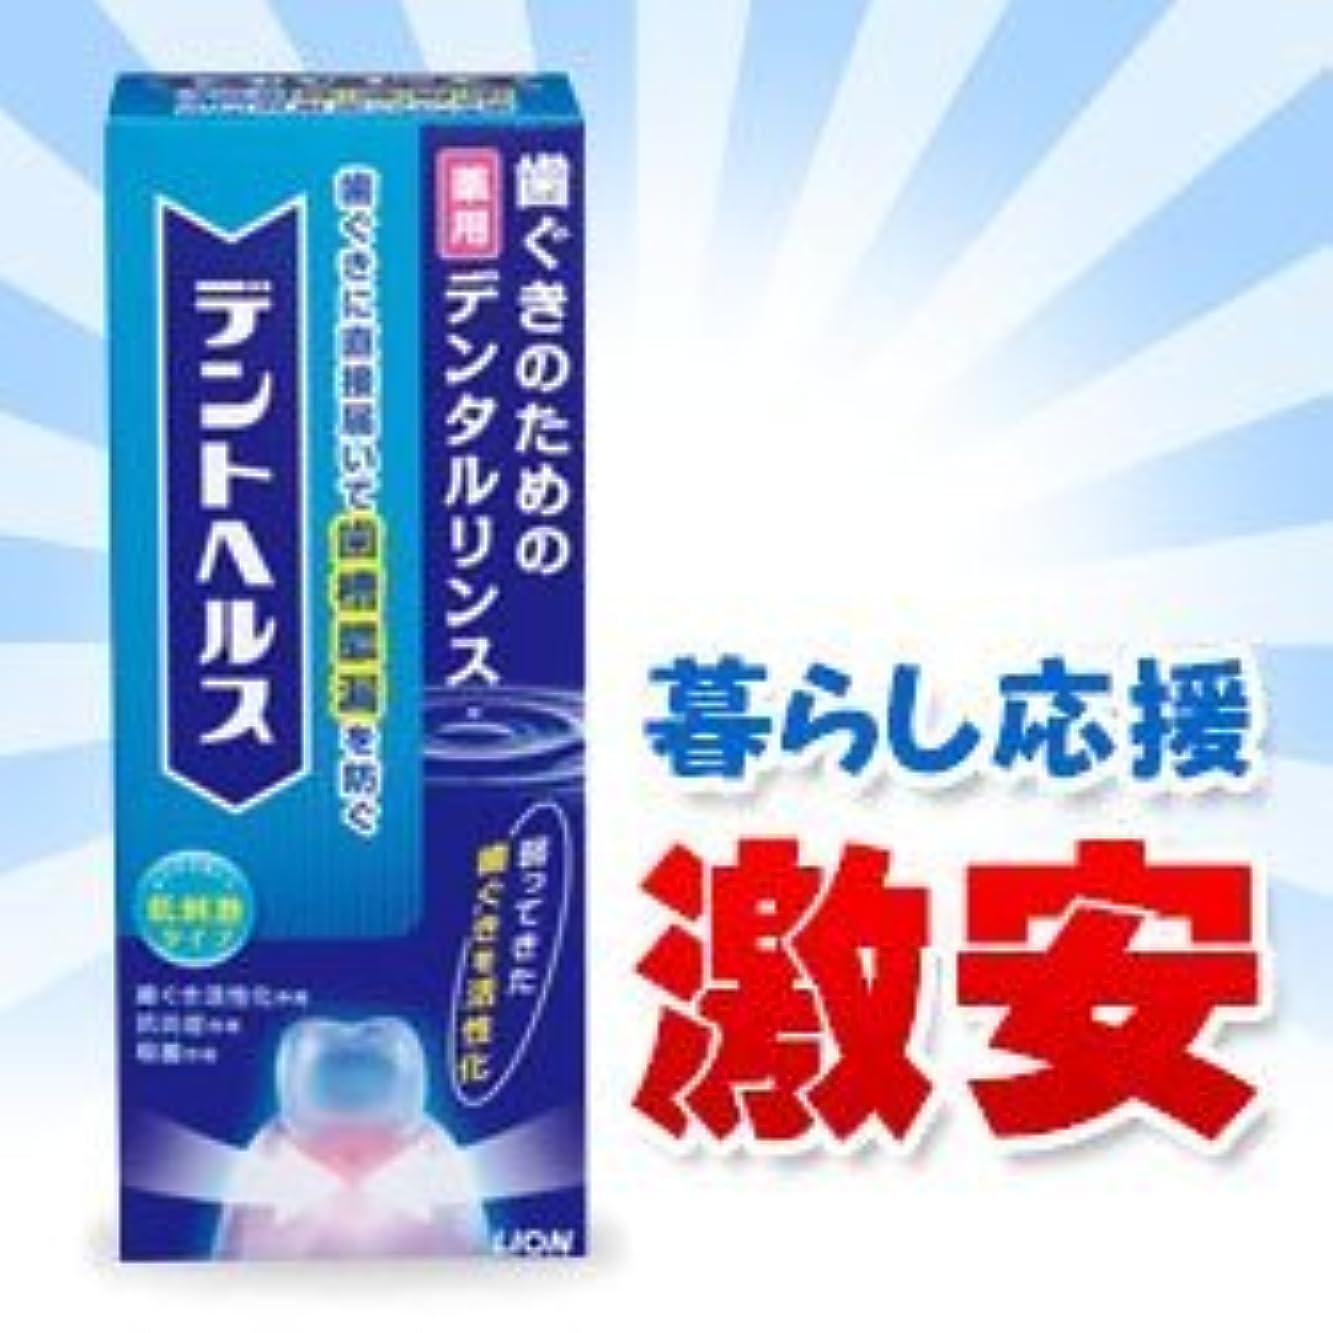 【ライオン】デントヘルス 薬用デンタルリンス 250ml ×4個セット